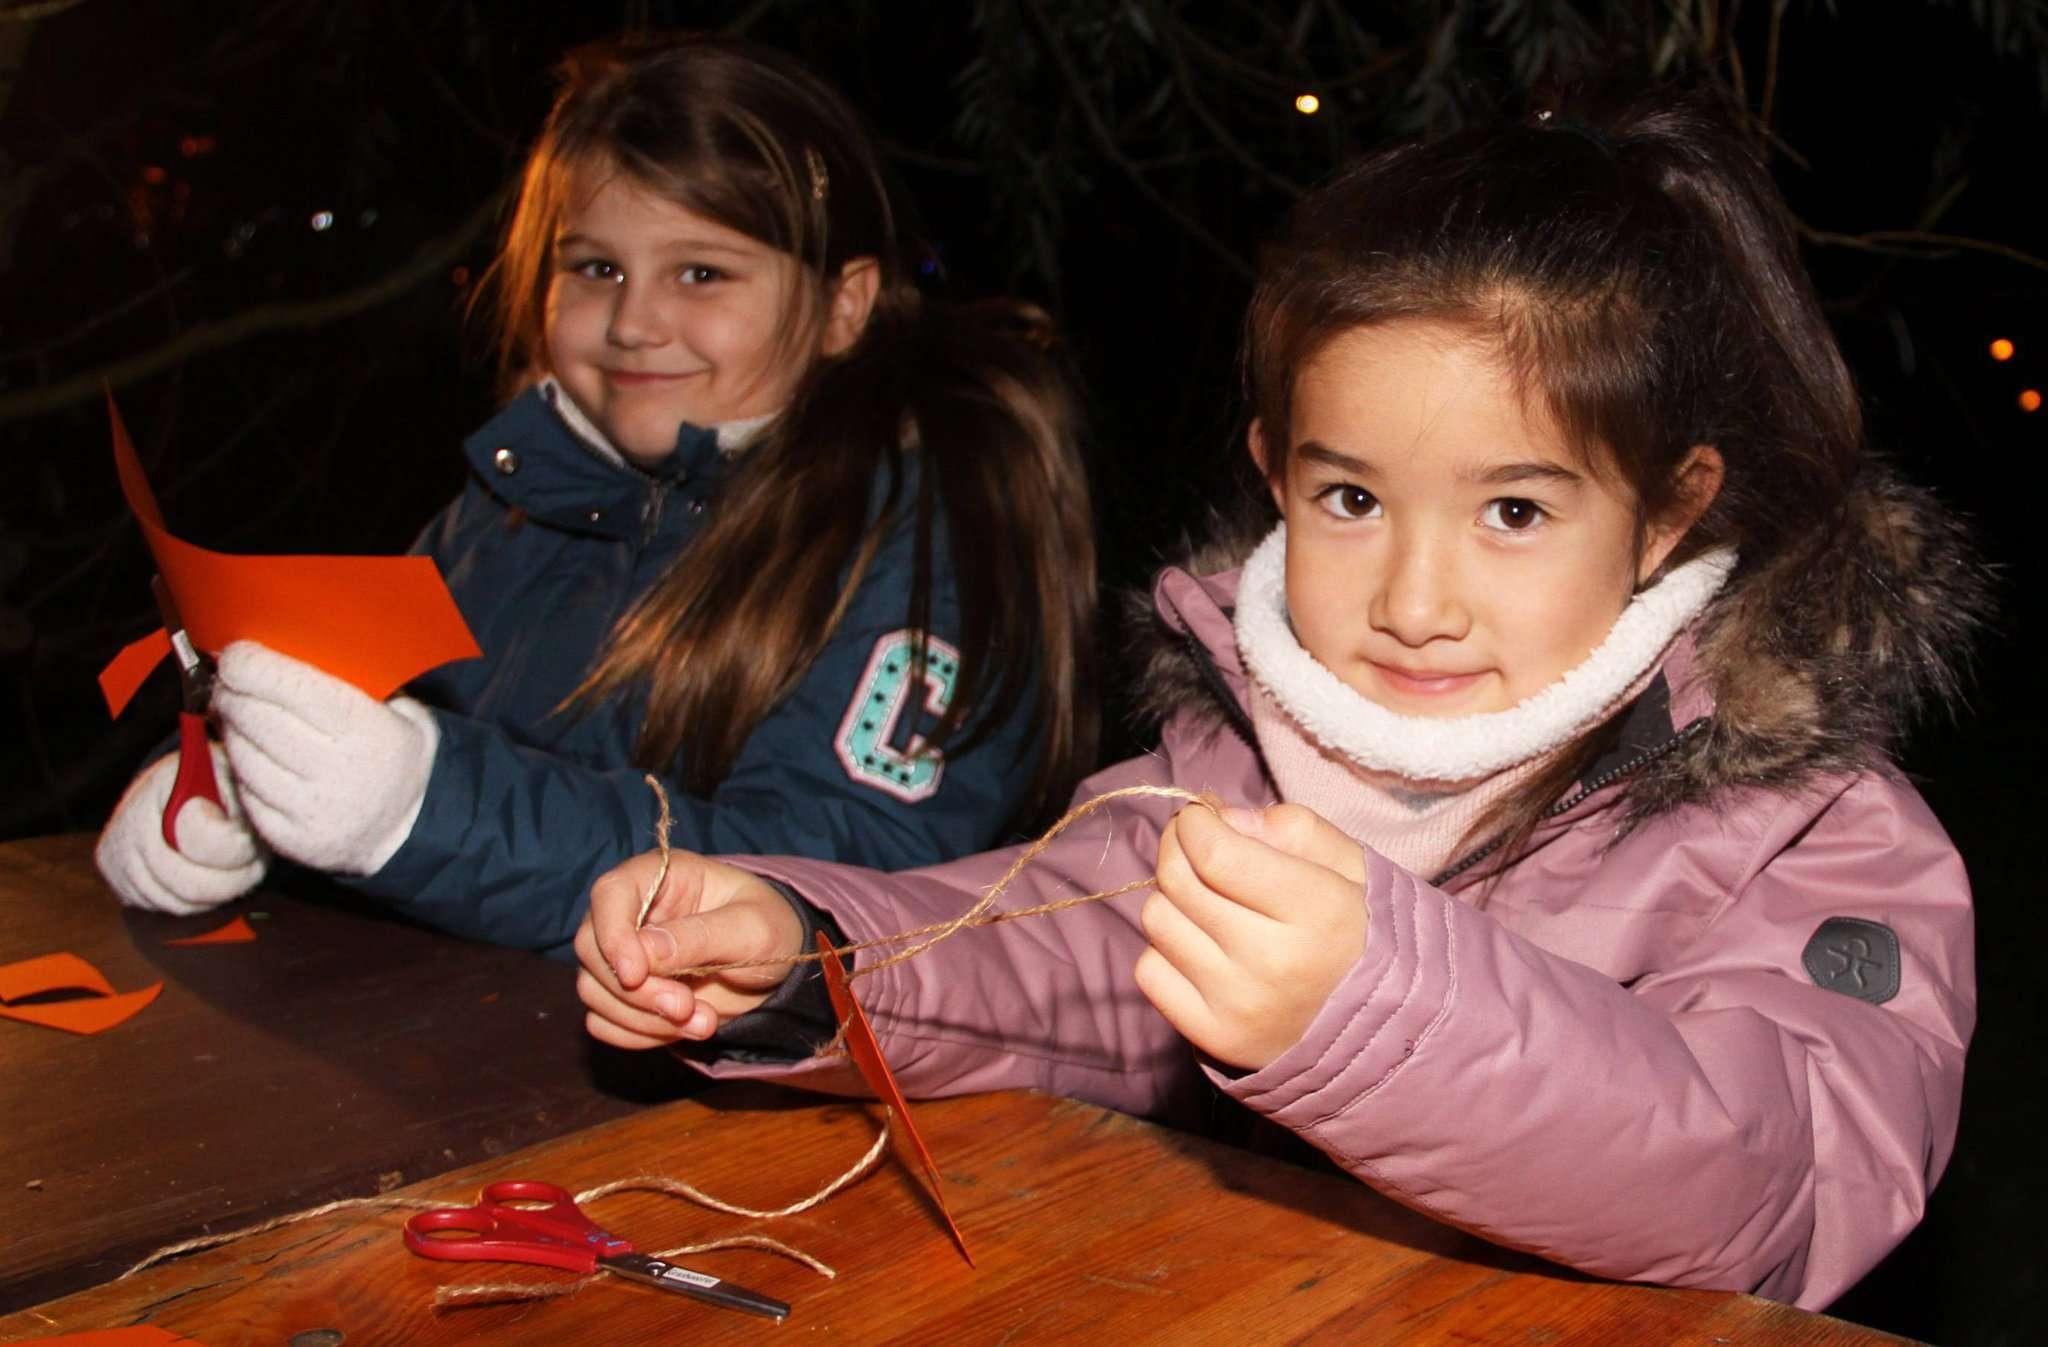 Viktoria und Lilly aus der Eichhörnchenklasse bastelten zusammen ihre Laufkarte für das Fest.